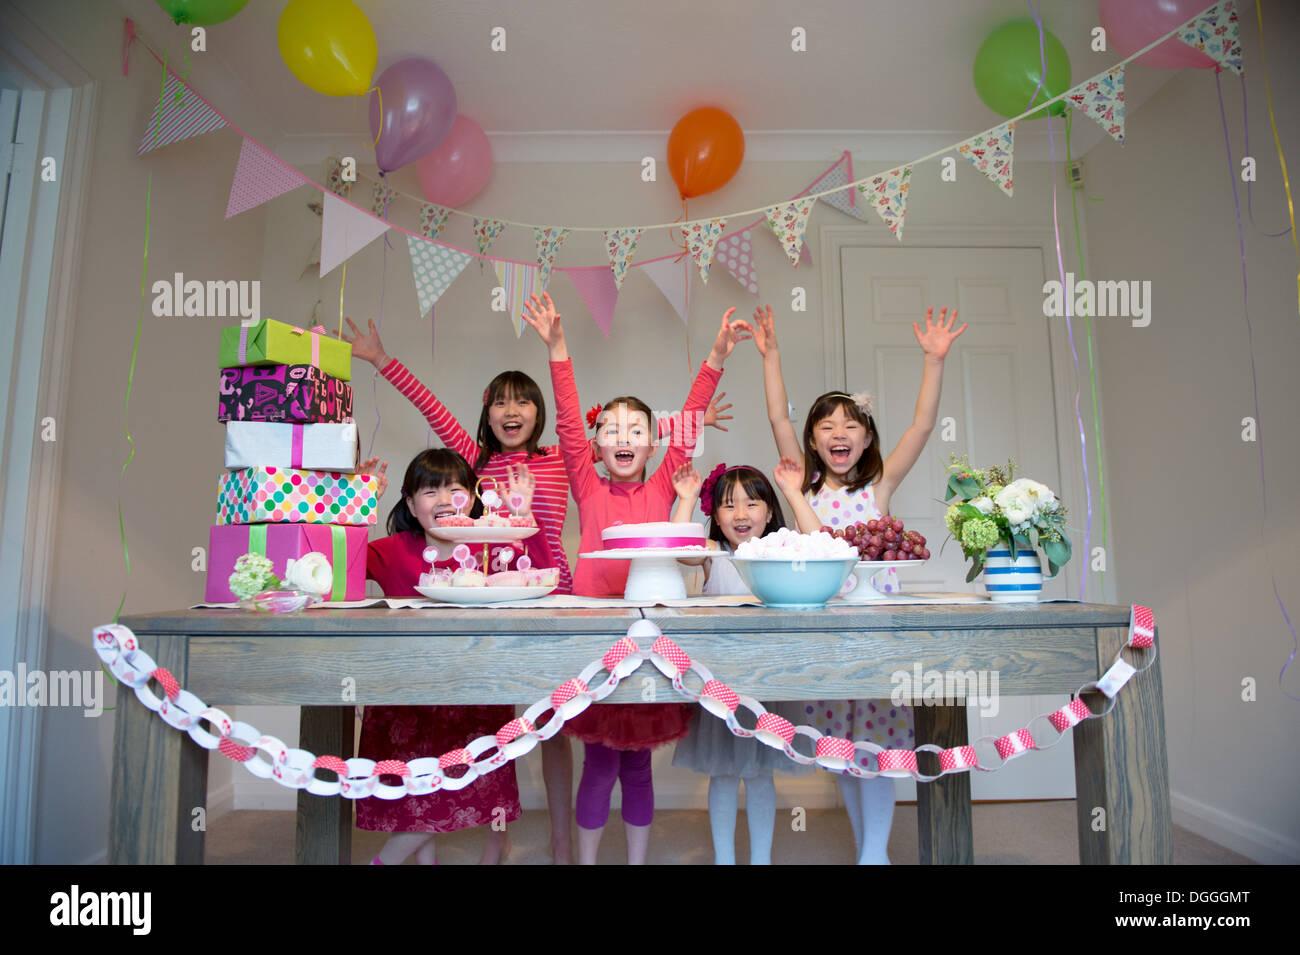 Las niñas vitoreando en fiesta de cumpleaños Imagen De Stock